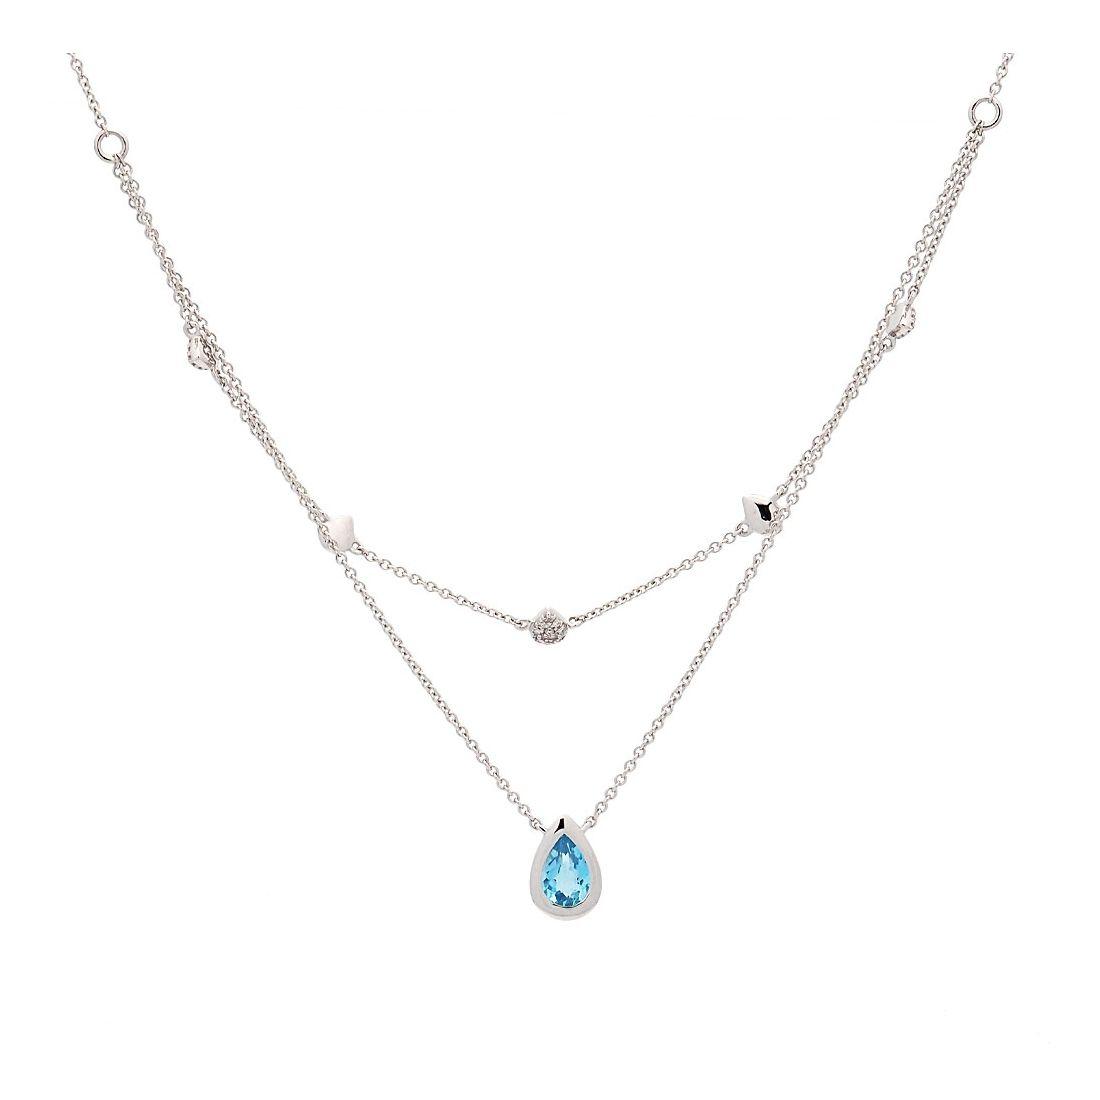 Cadena de oro blanco, topacio y diamantes  - 1